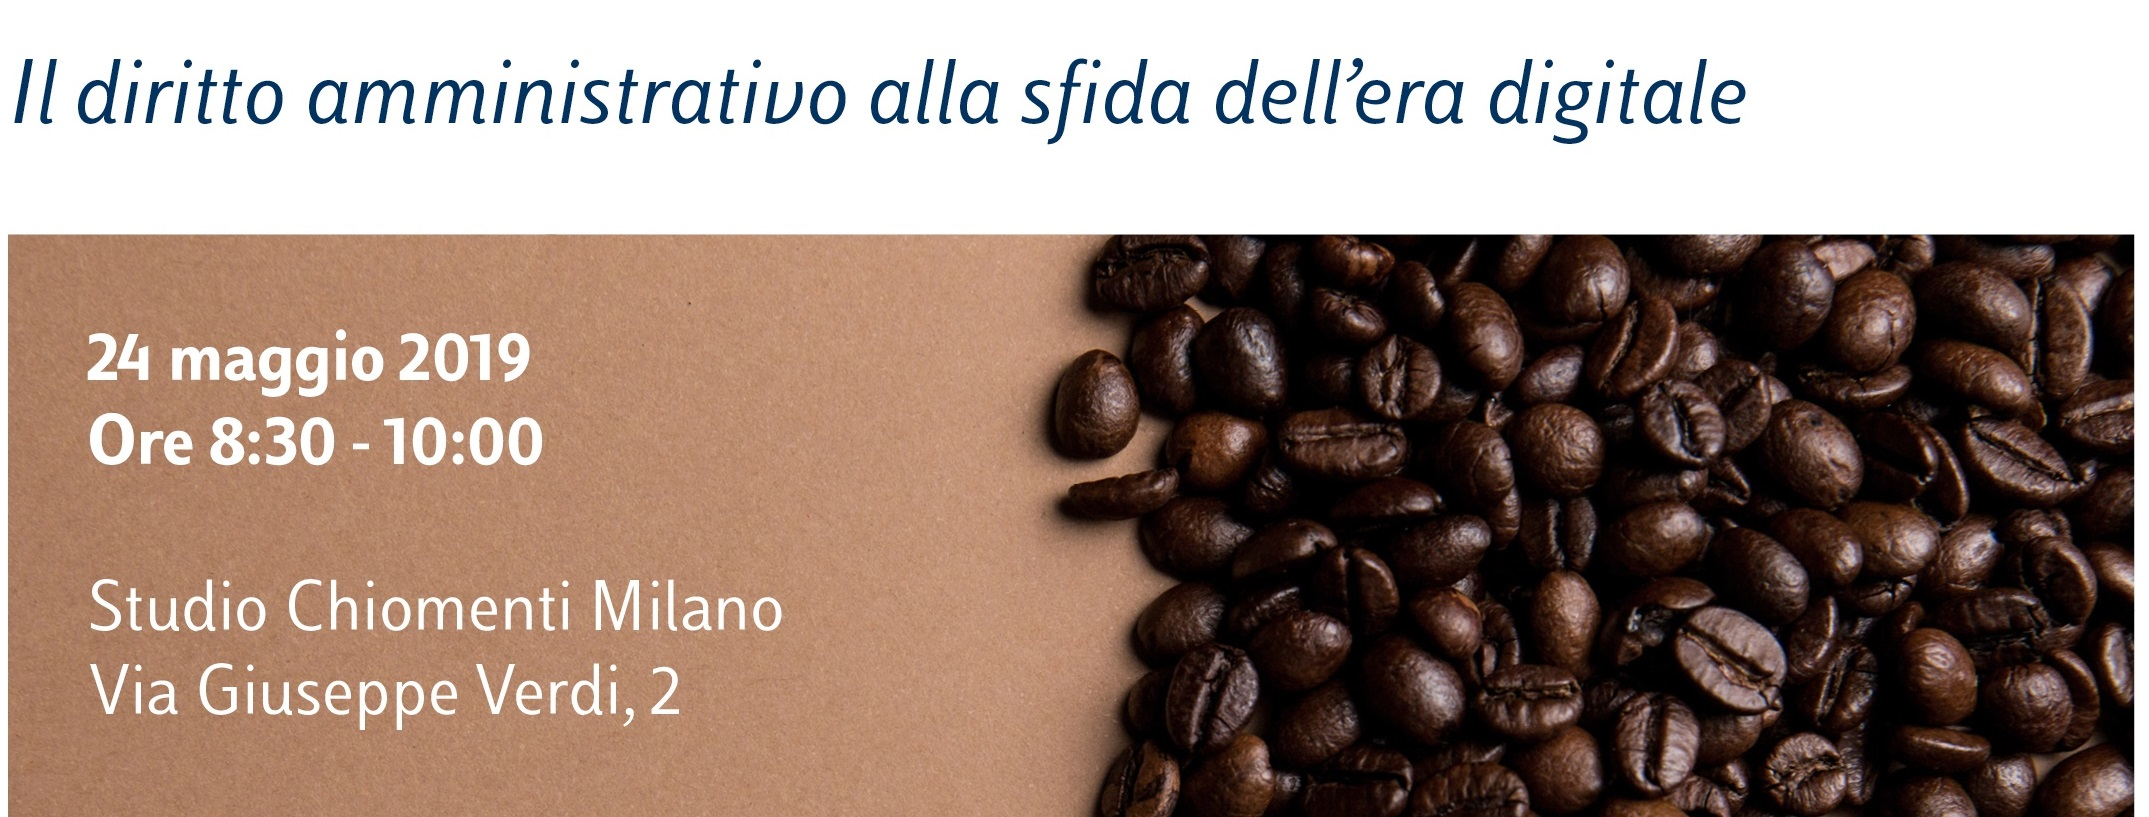 Legal Breakfast: Il diritto amministrativo alla sfida dell'era digitale - 24 maggio 2019, Chiomenti, Milano